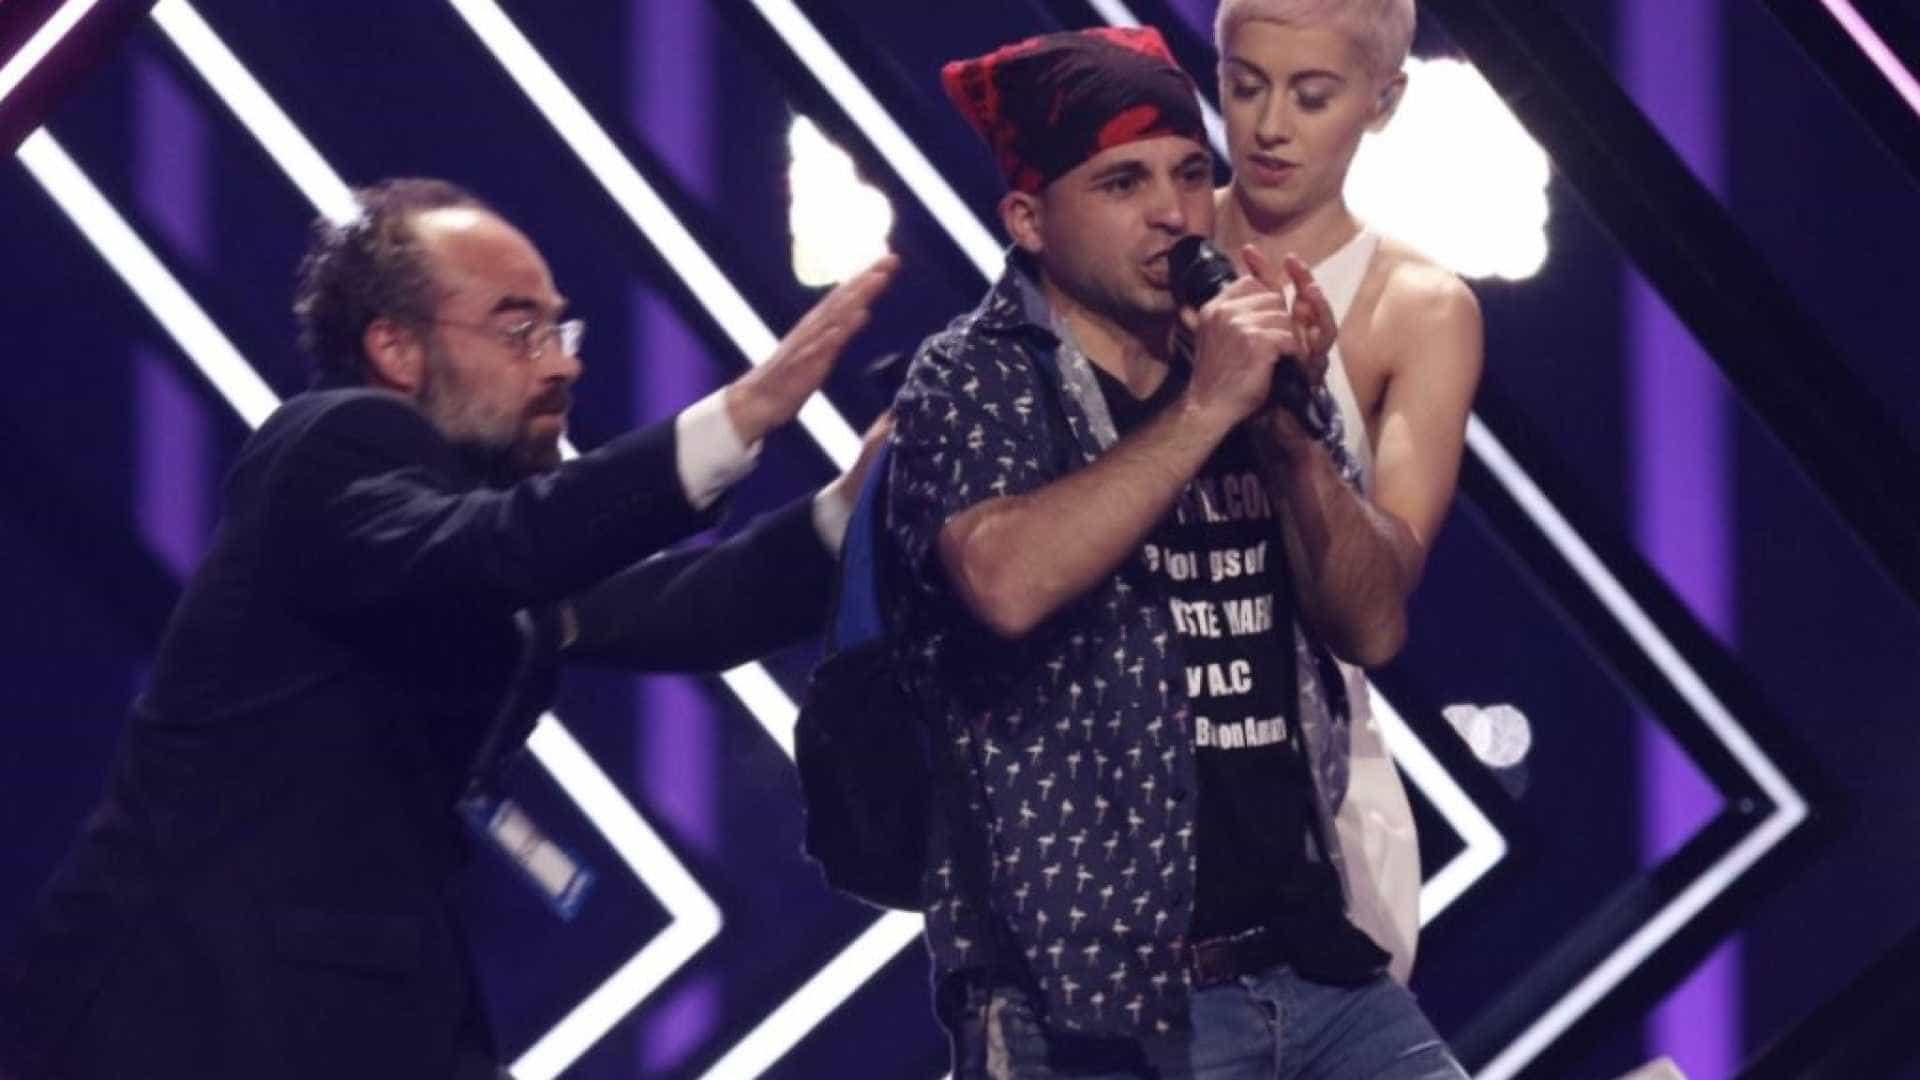 O que se sabe sobre o invasor do palco da Eurovisão?